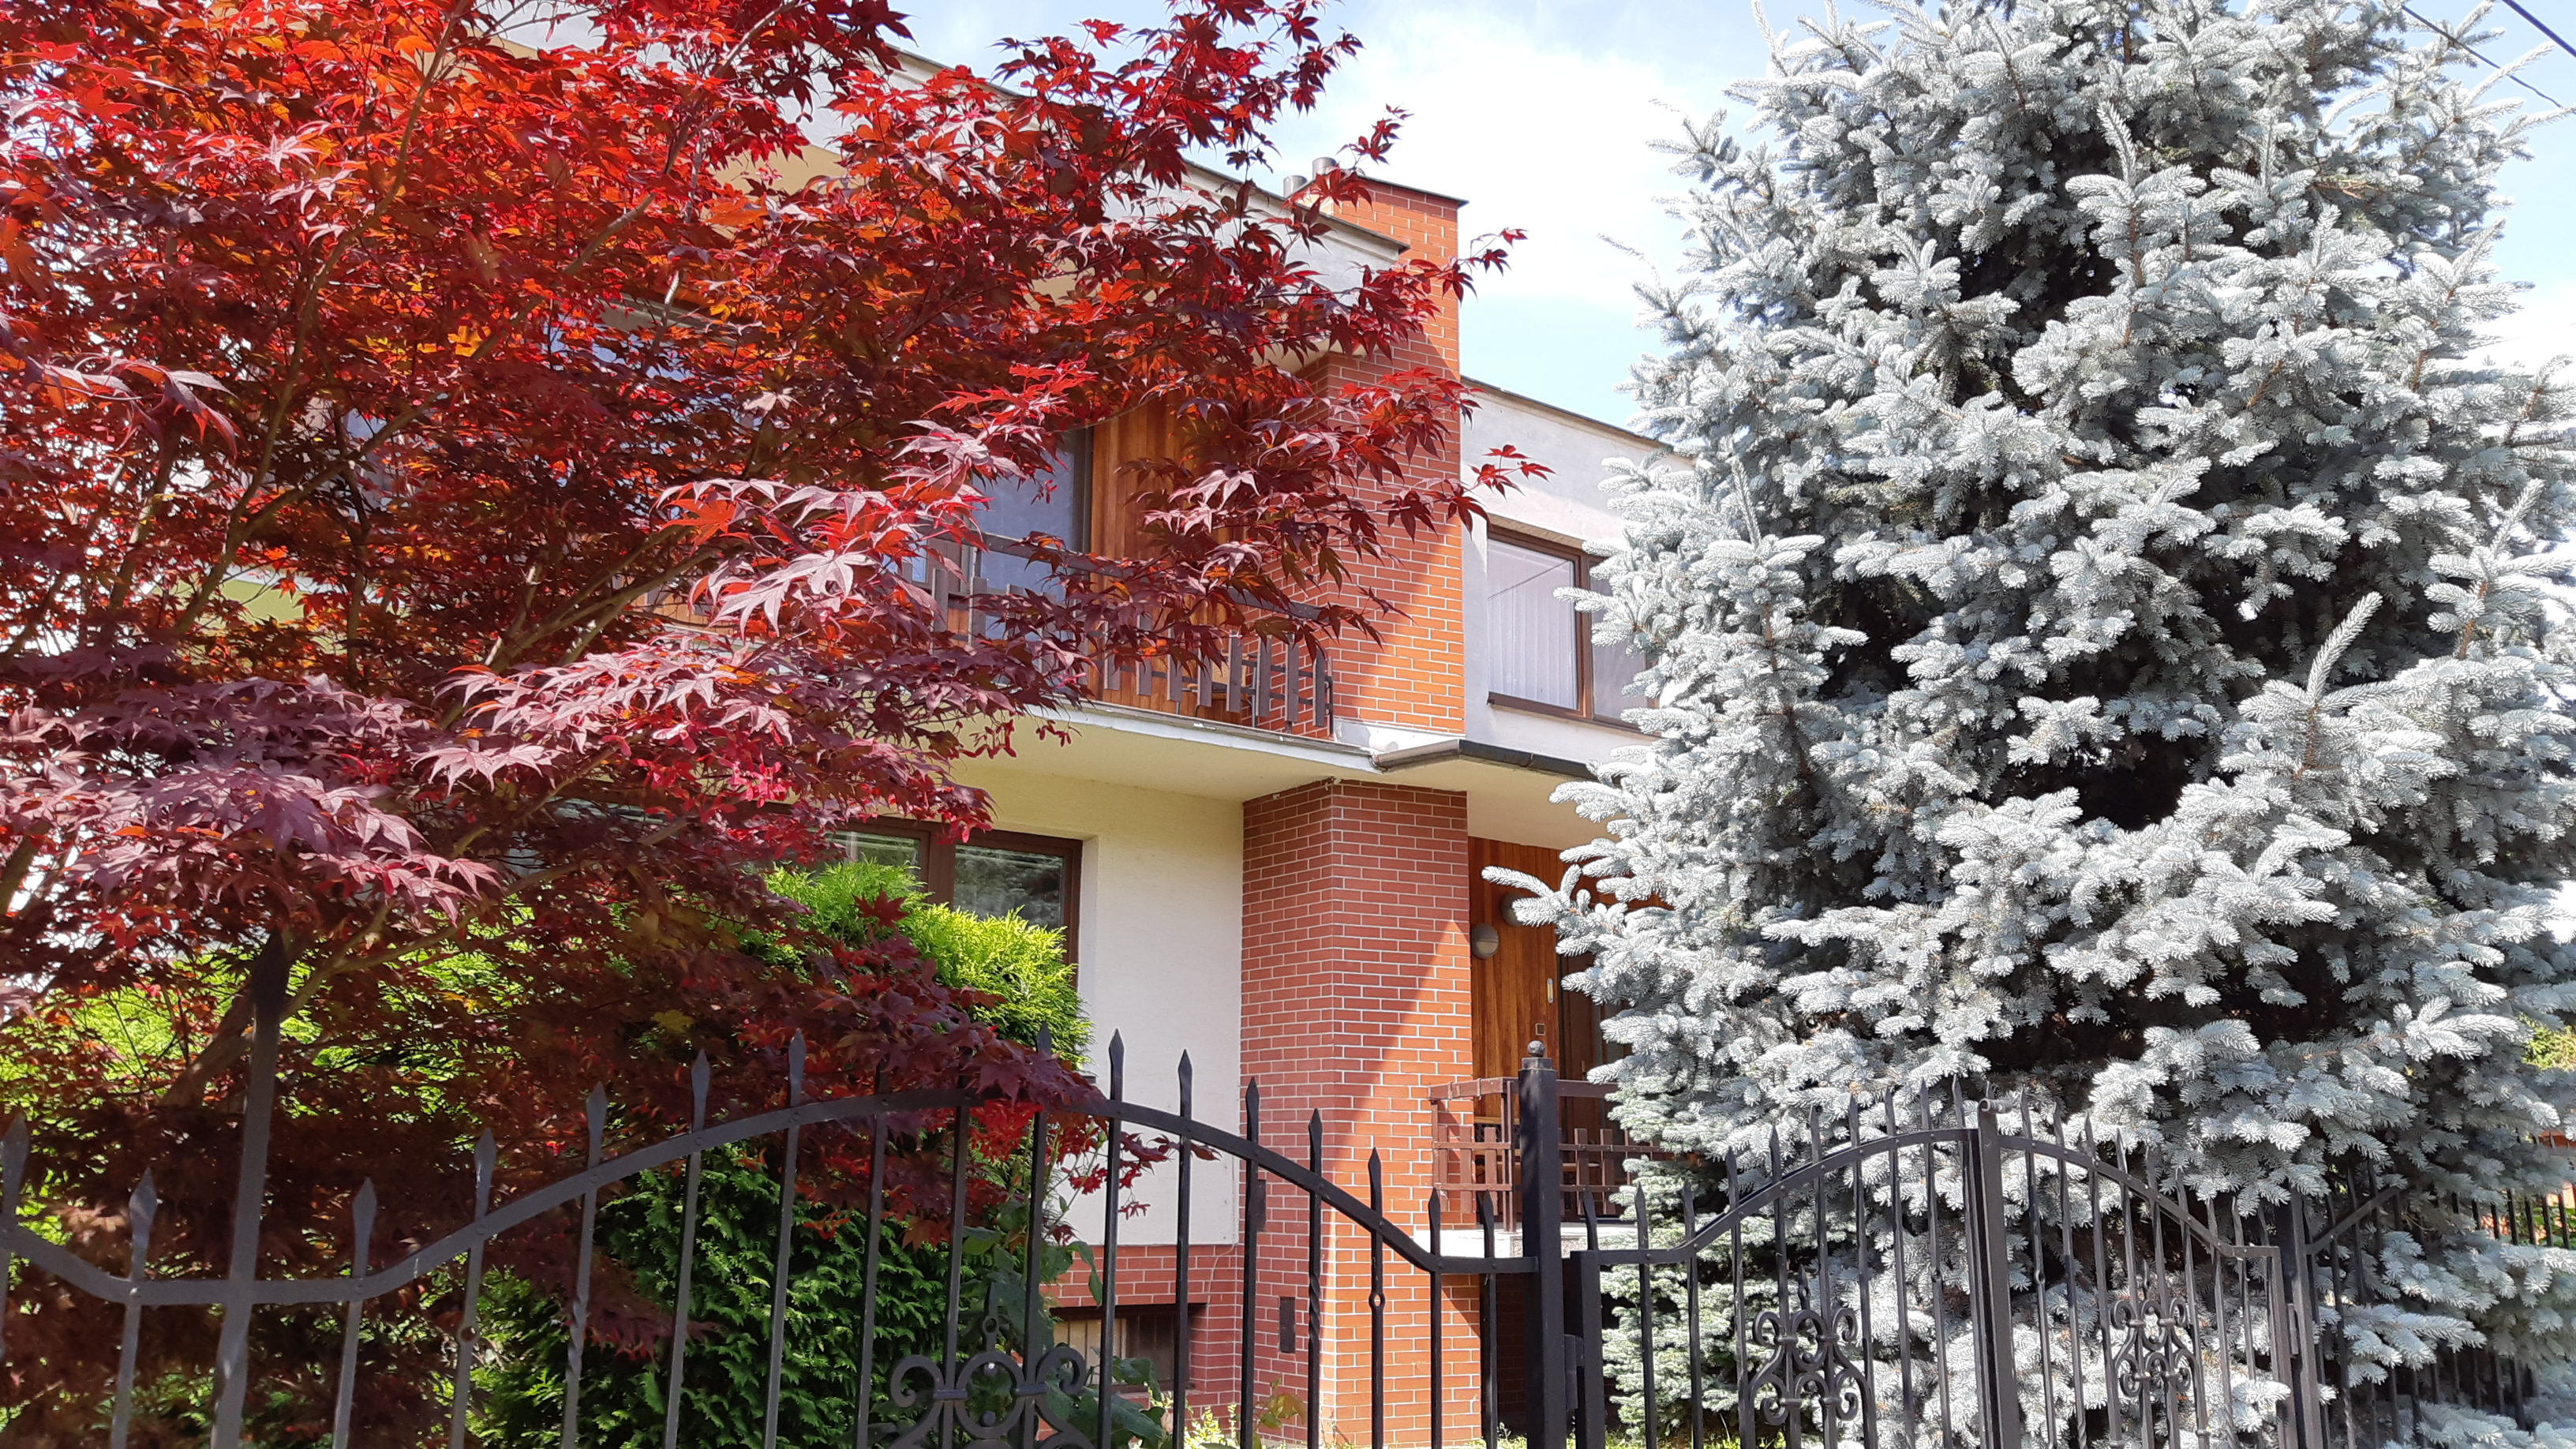 Rezervovaný Na predaj priestranný dom, vo výbornej lokalite Šaľa